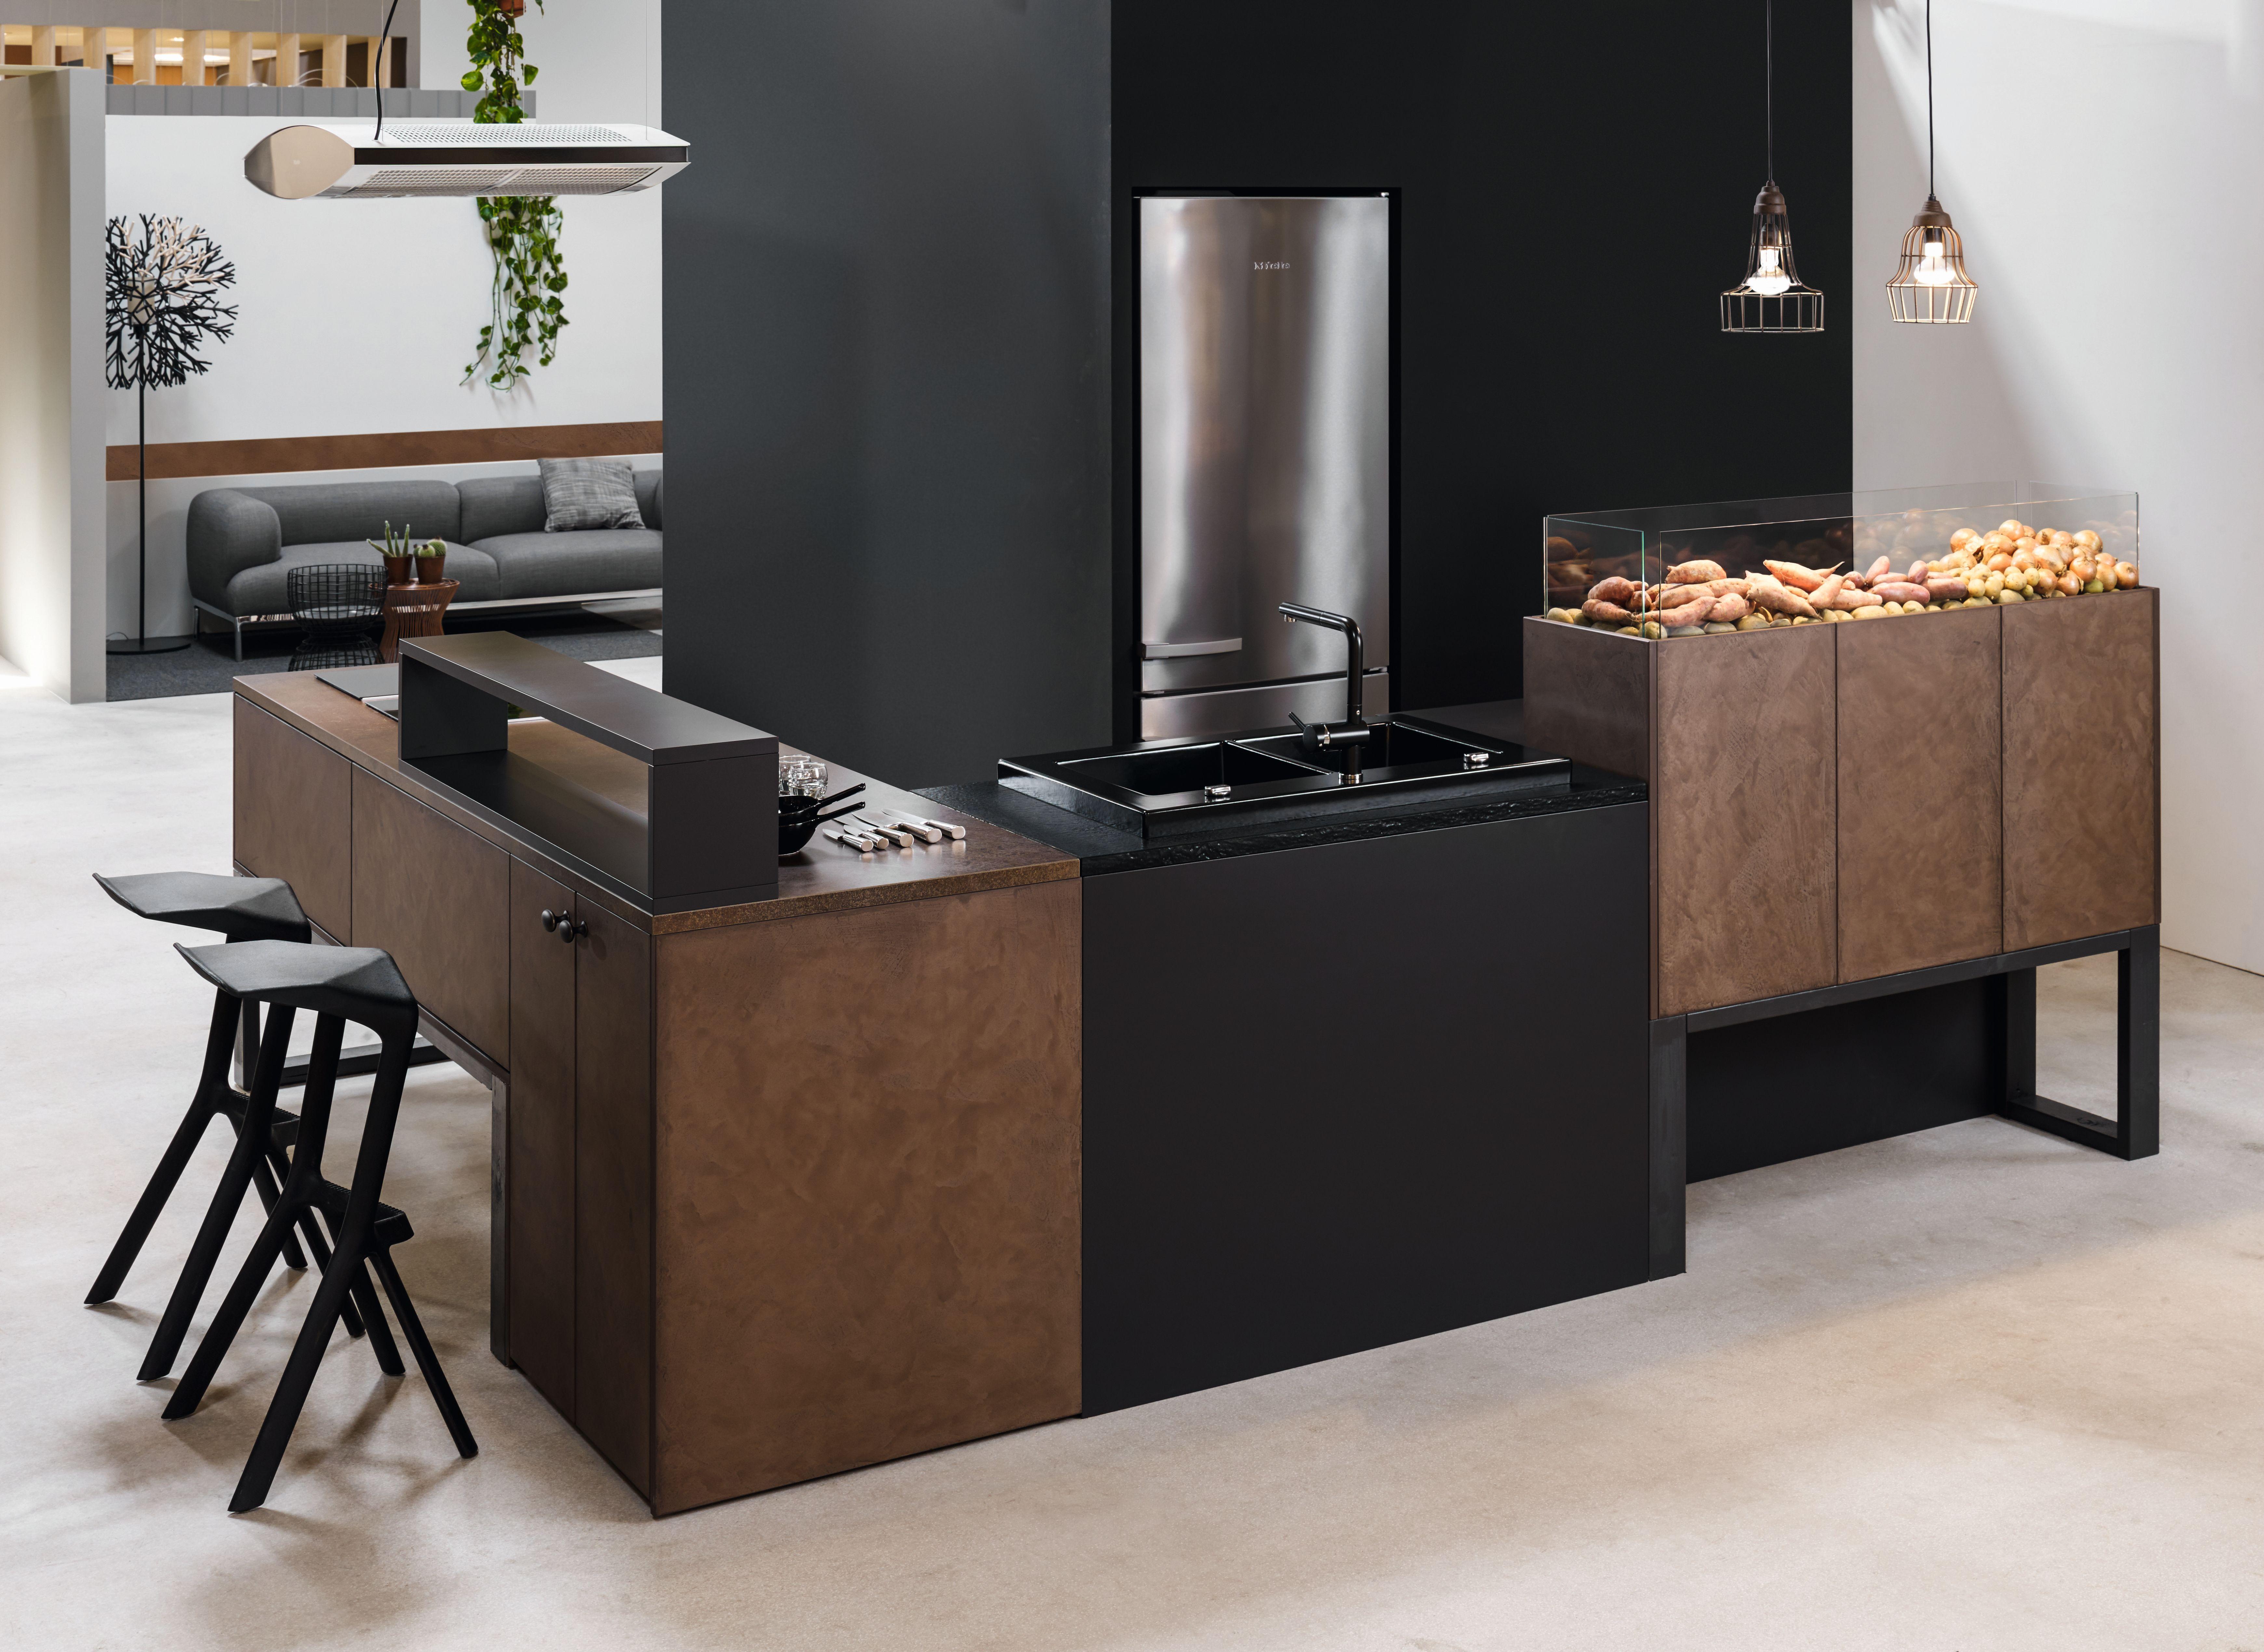 KH Küche Beton Rostbraun KH kitchen concrete rust brown